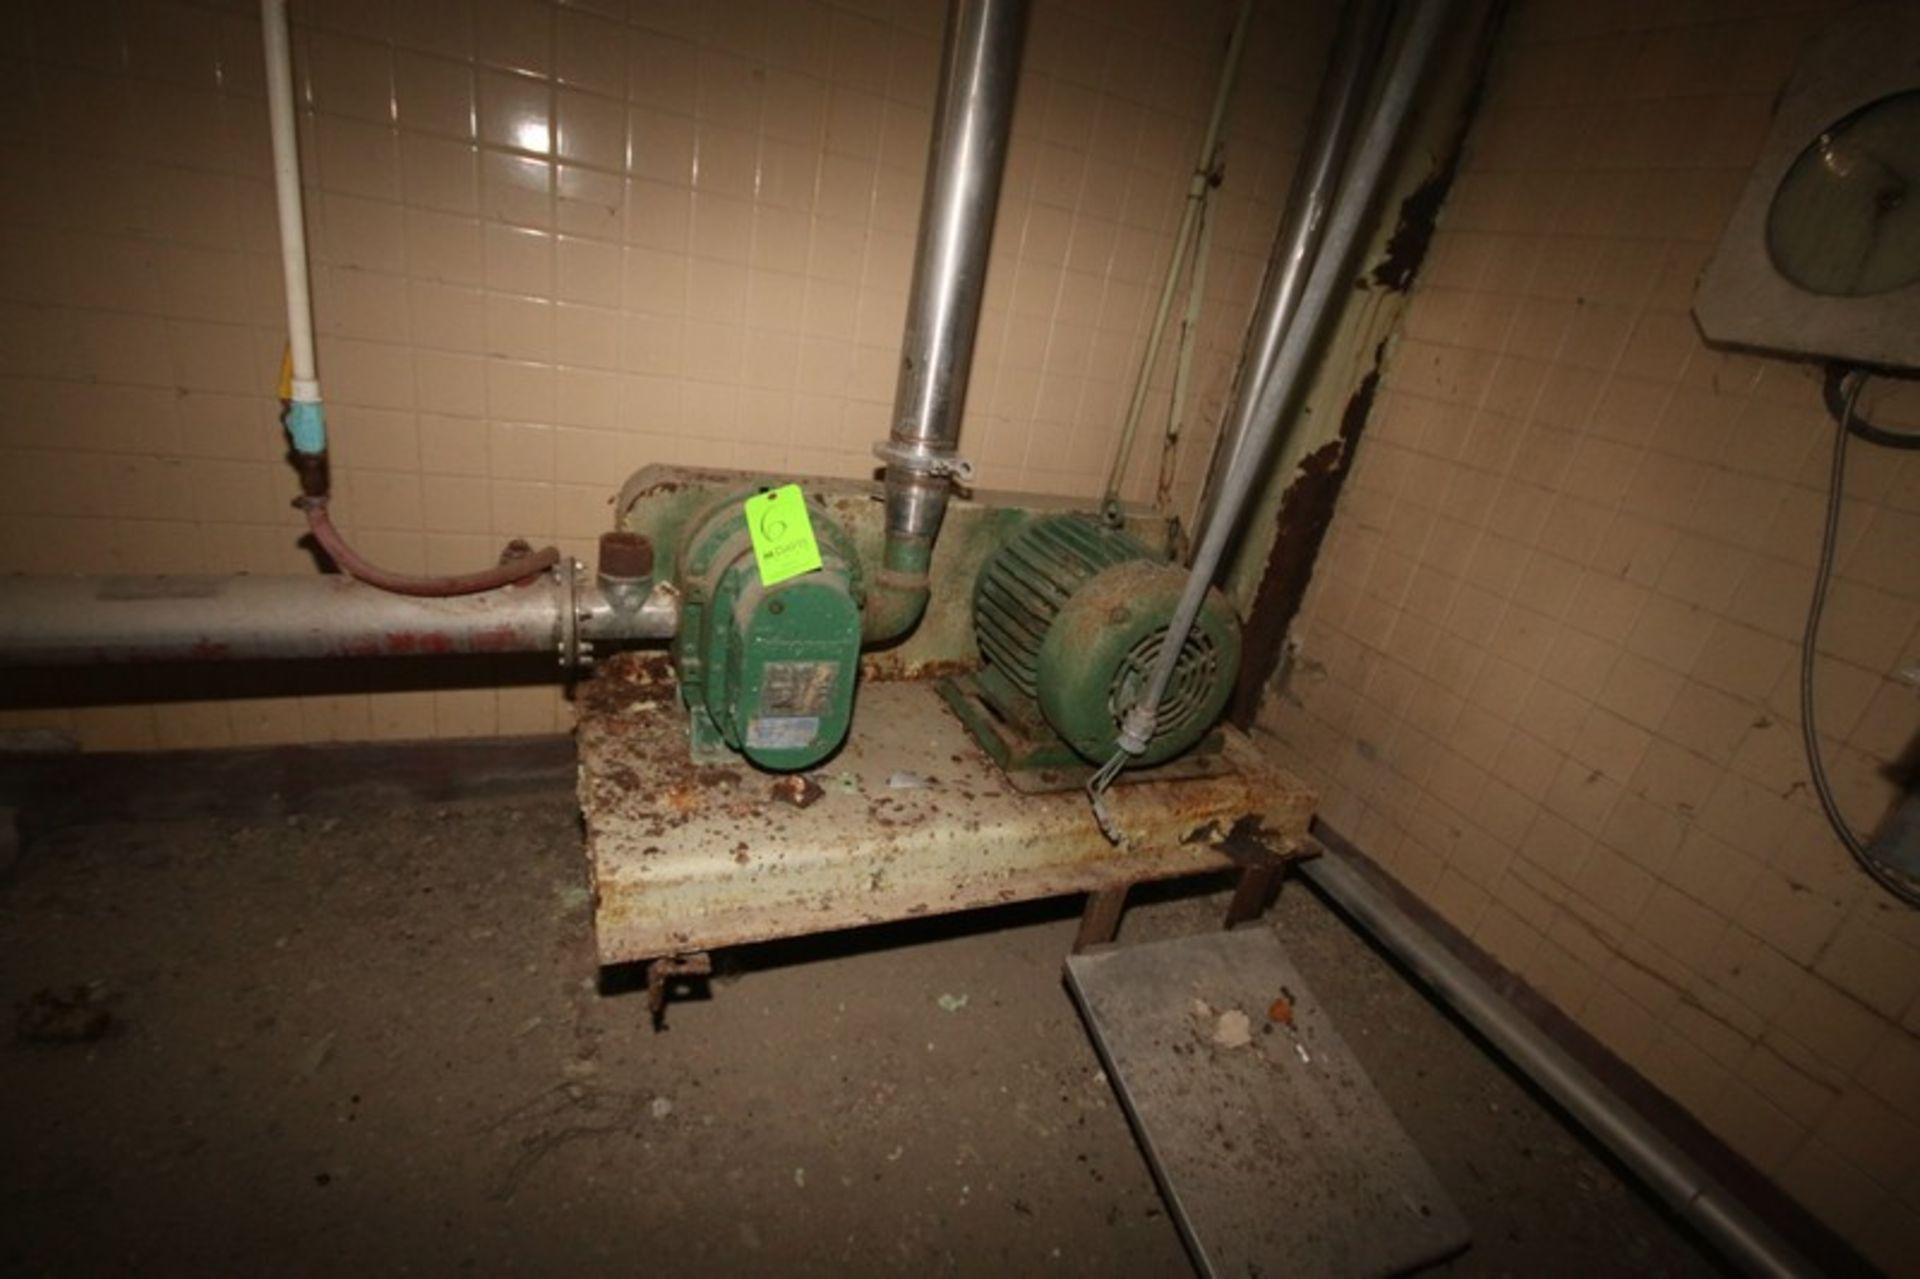 Surtobilt Positive Displacement Blower Vacuum Skid, M/N GAEHBLA, S/N 4453 (LOCATED IN Muenster, TX) - Image 2 of 3